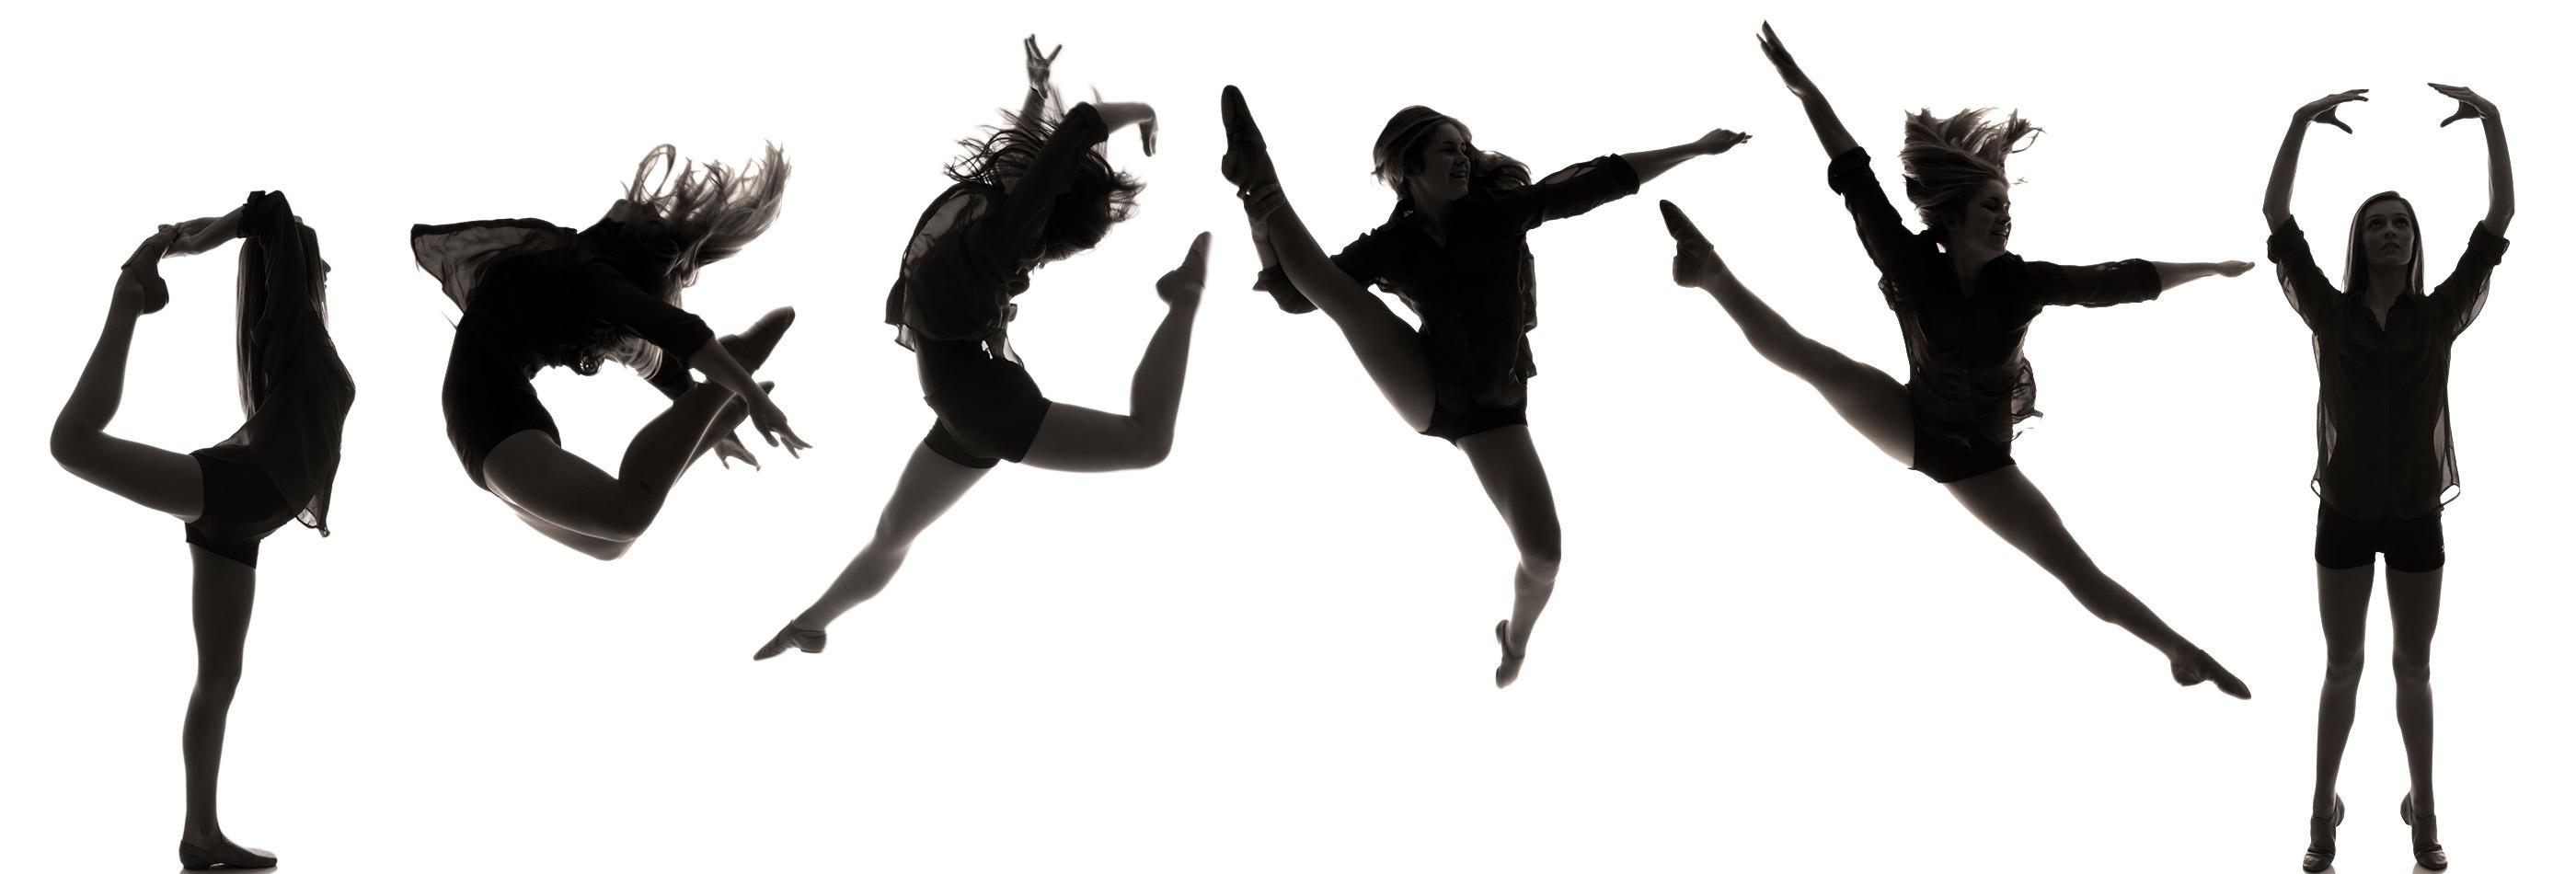 2800x950 Dance Team Silhouette Clipart 2